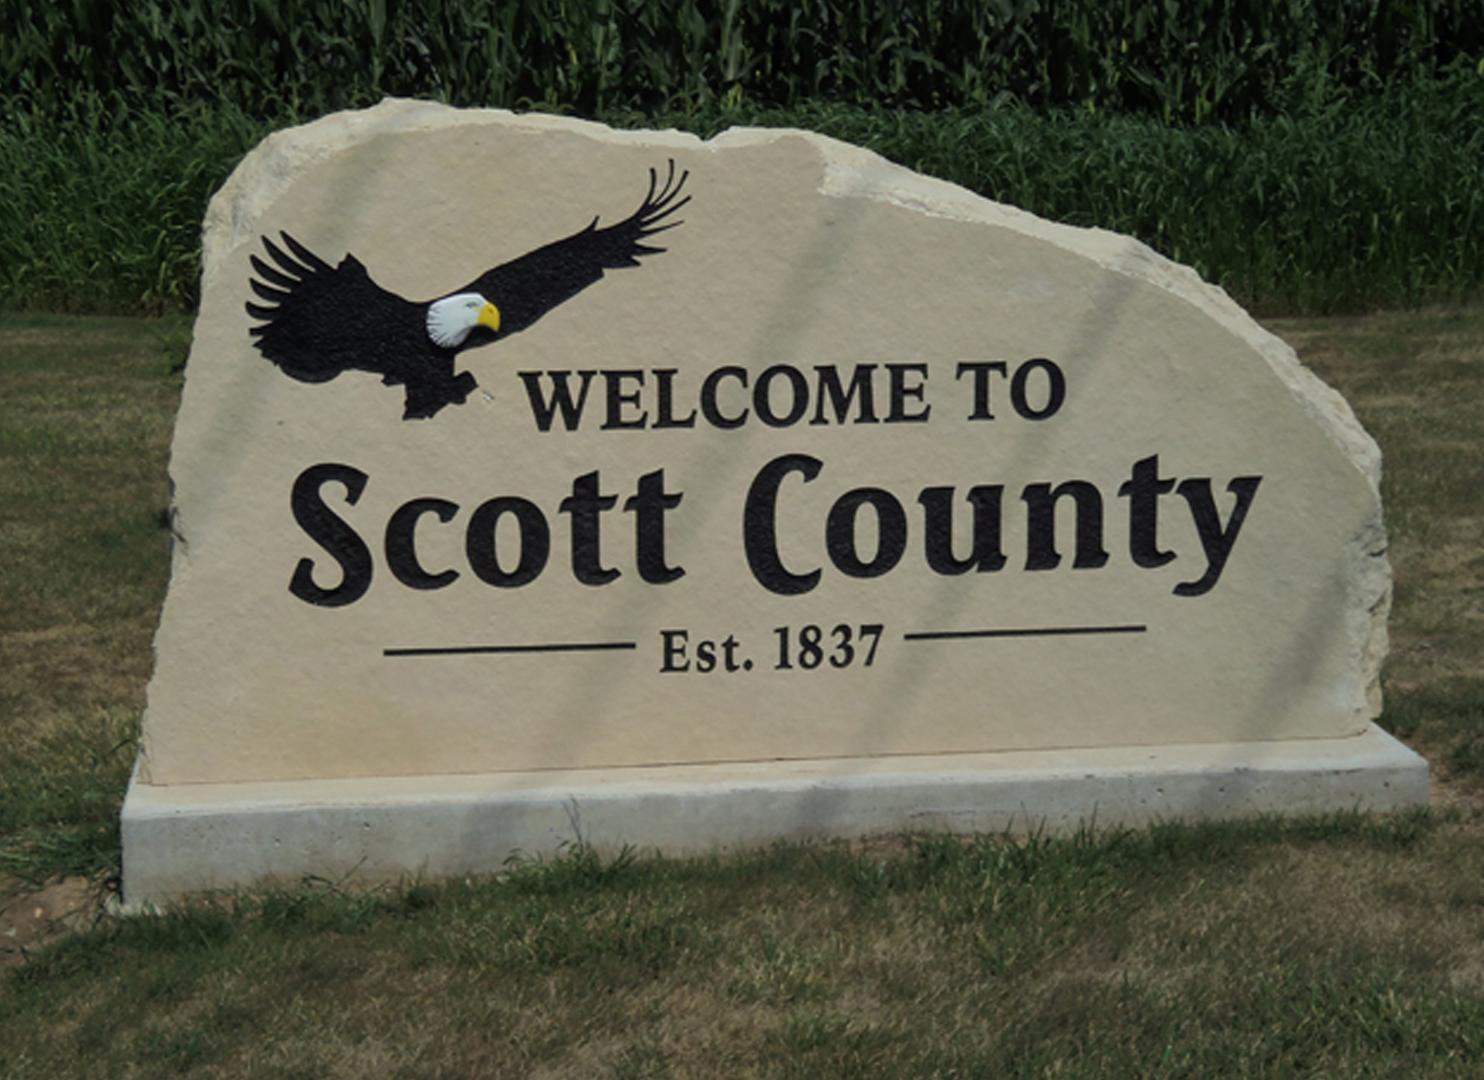 Scott County_1444776951756.jpg